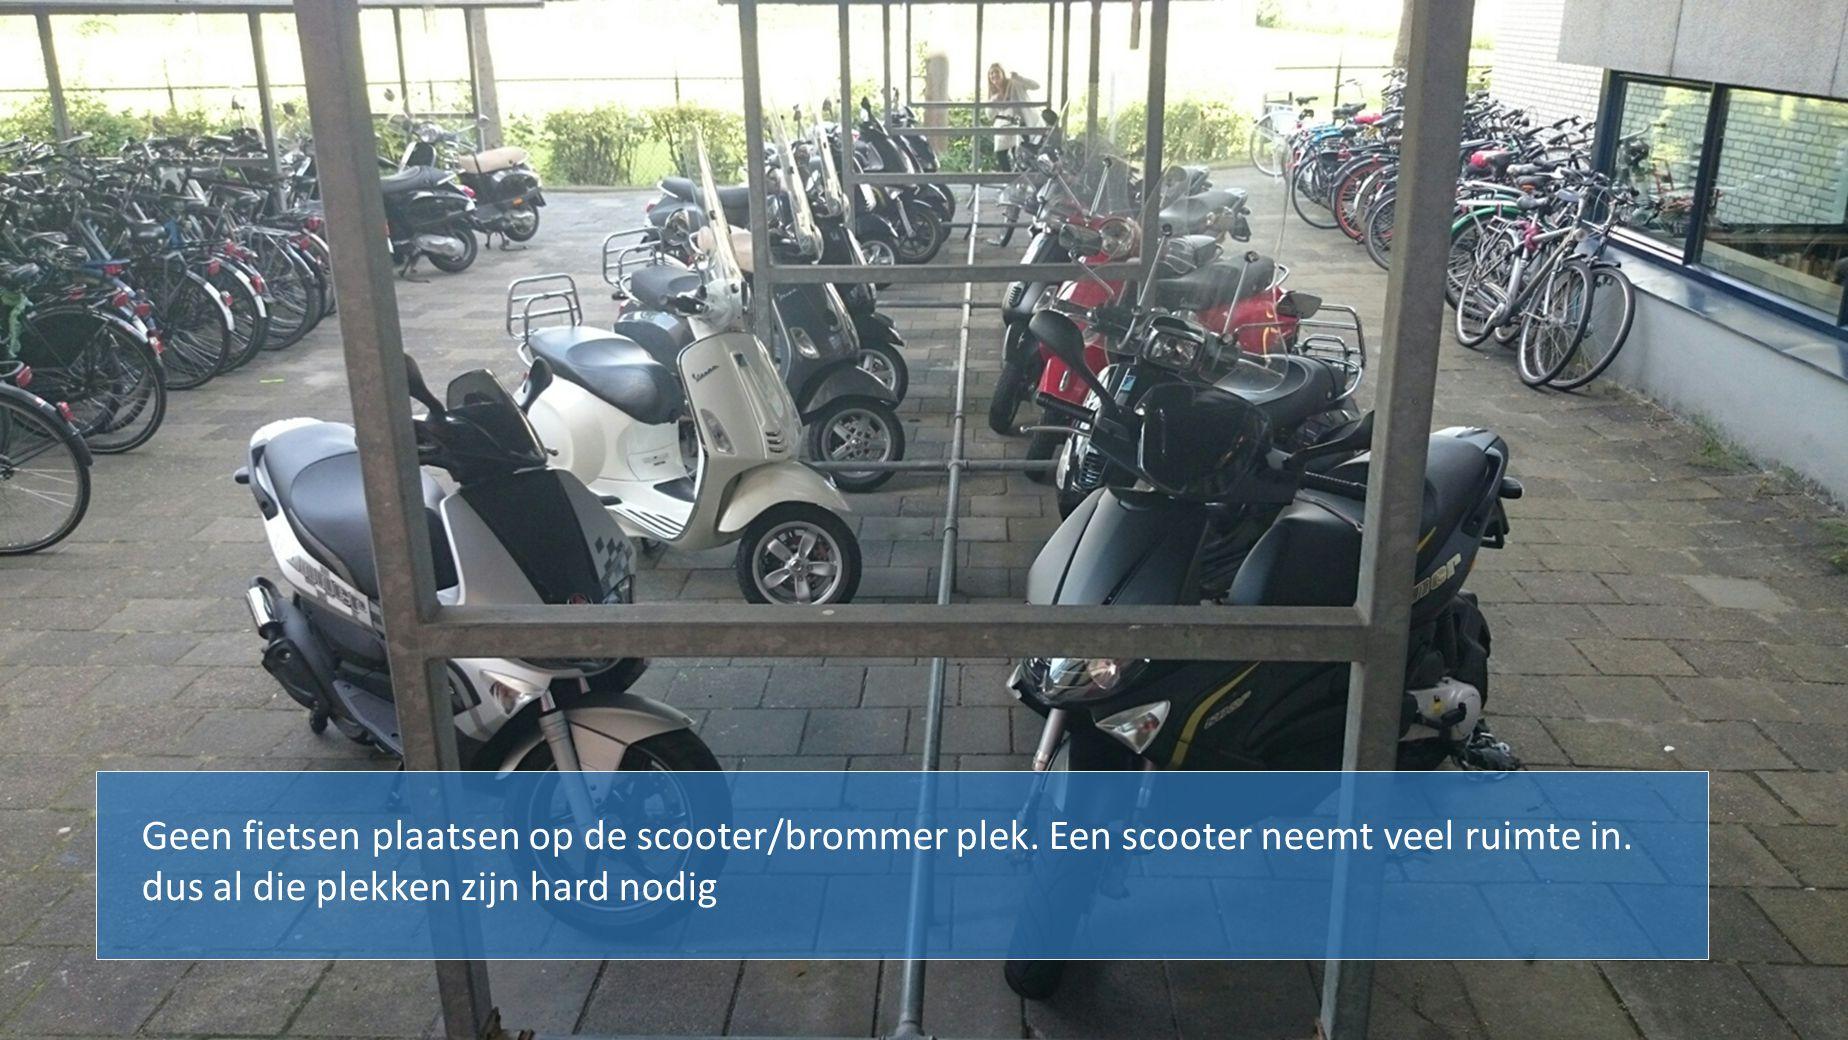 Geen fietsen plaatsen op de scooter/brommer plek